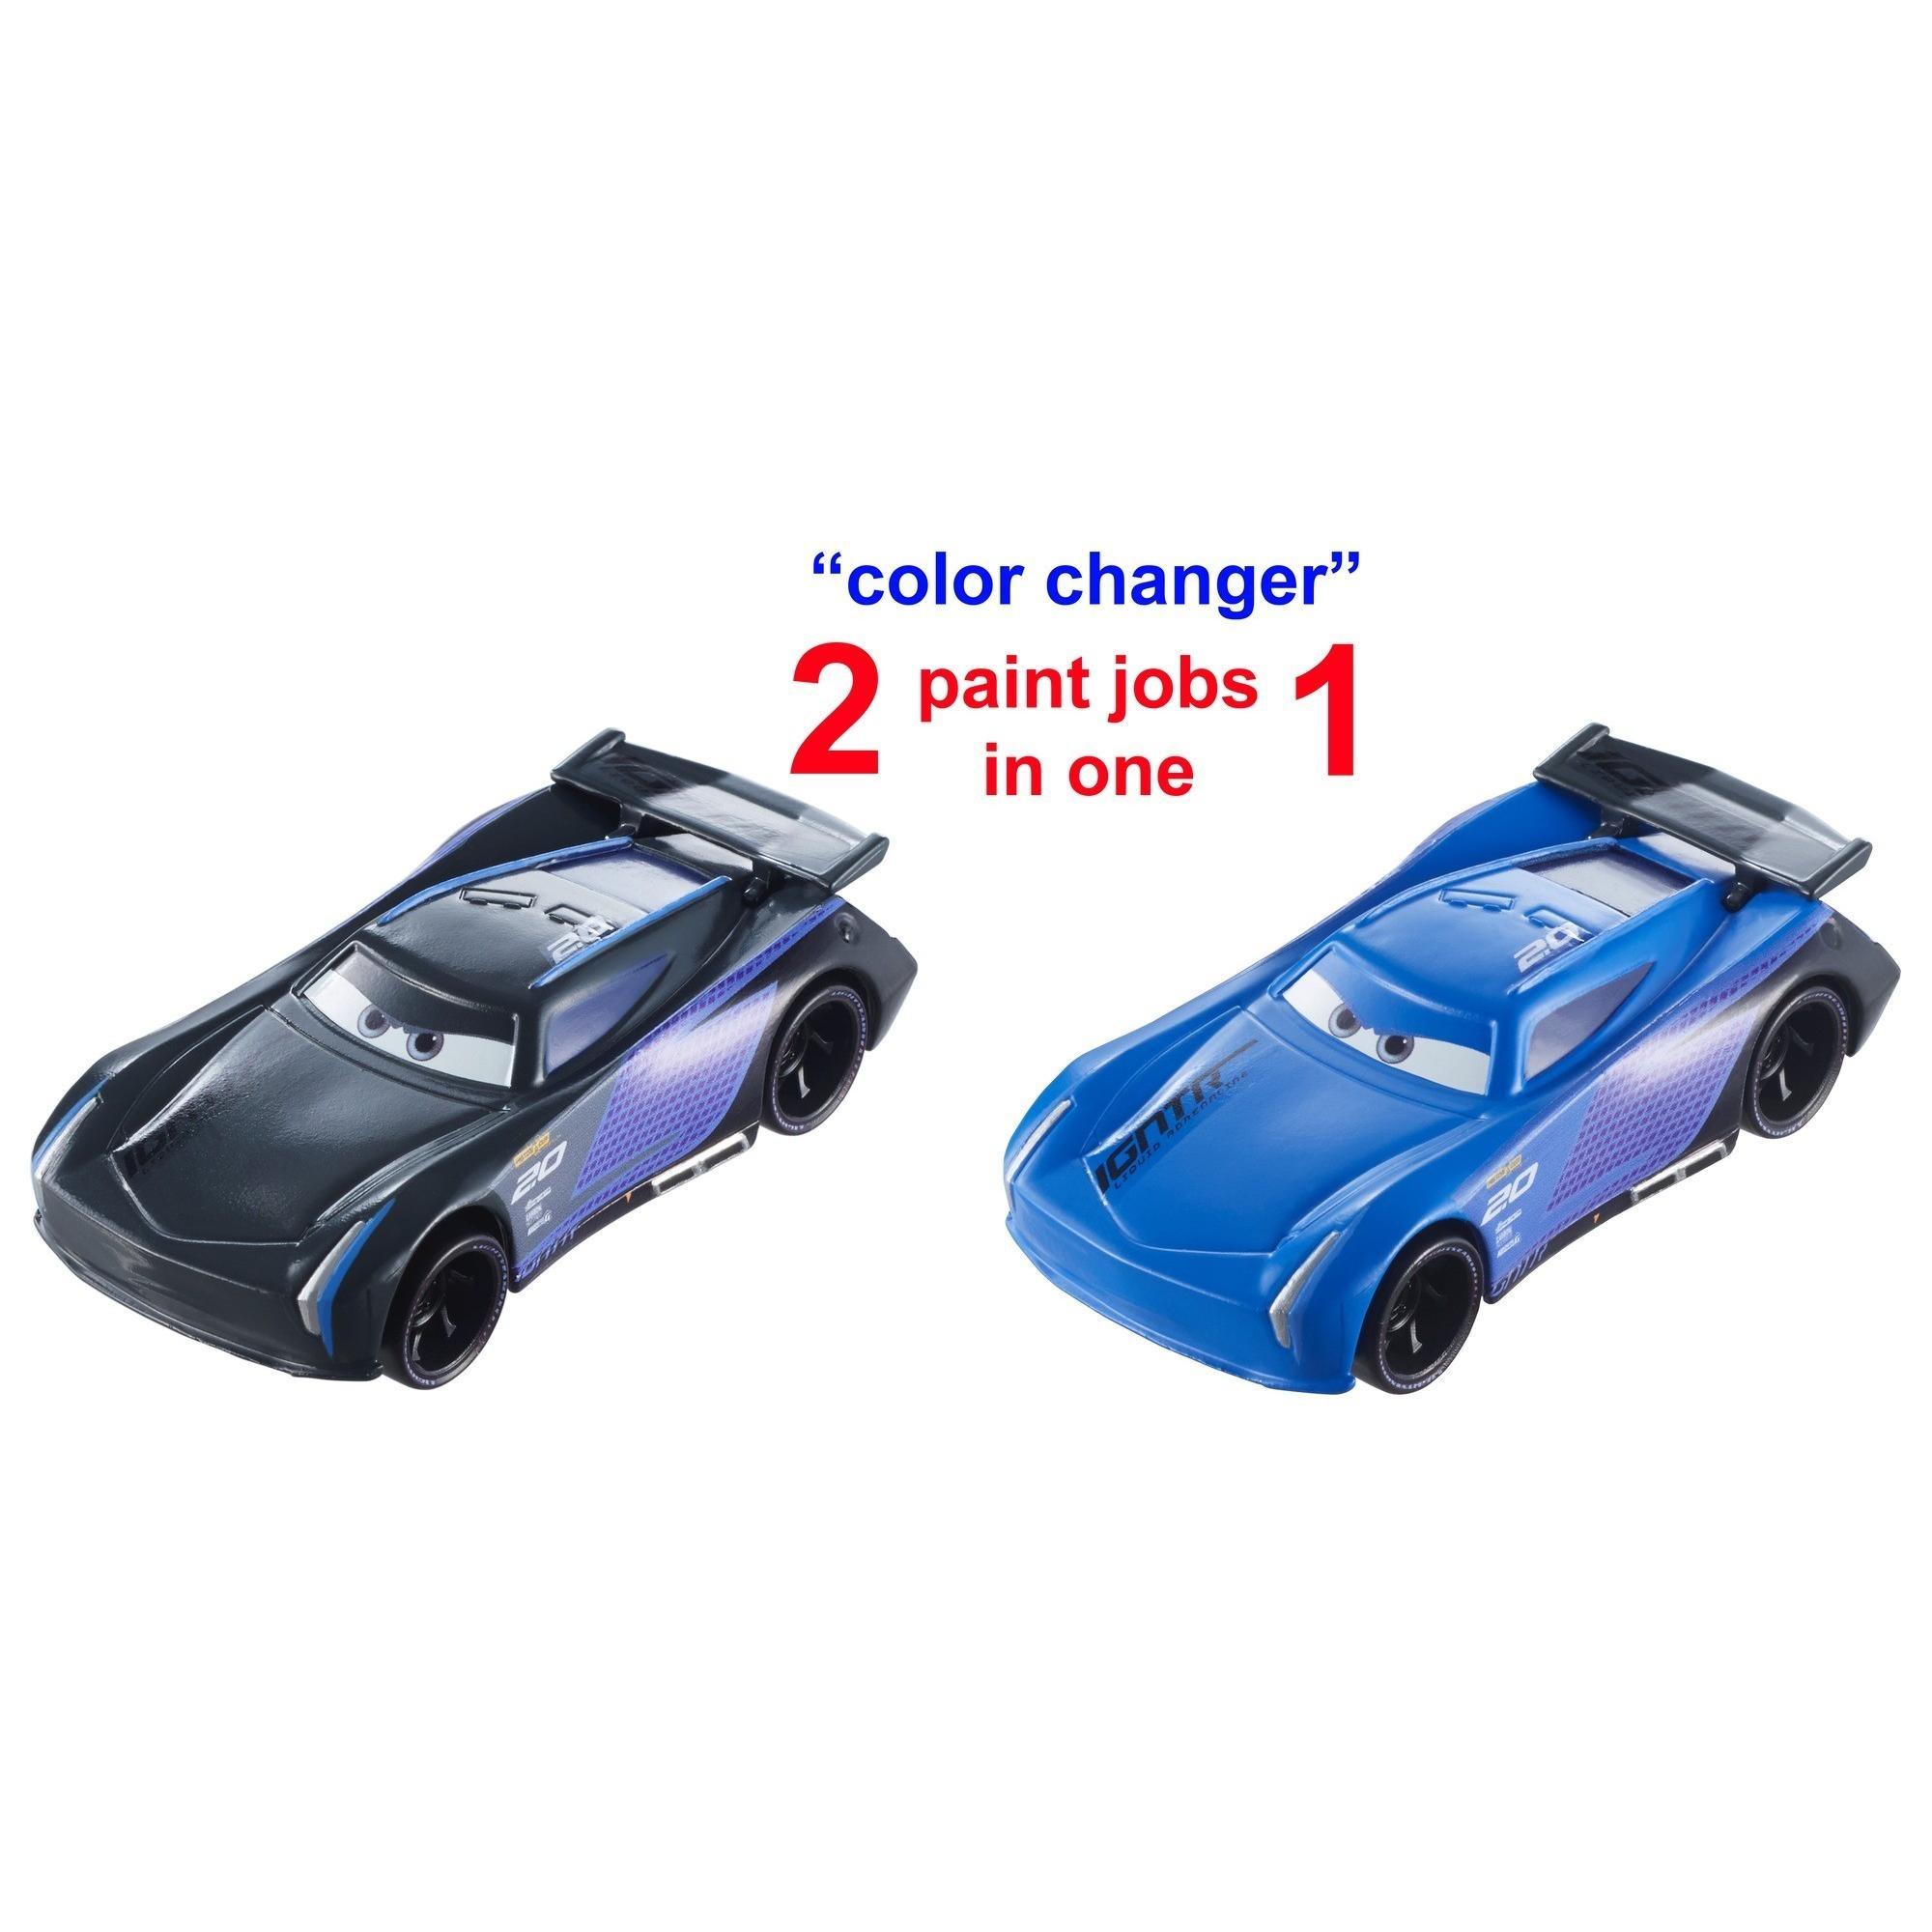 disney pixar cars  jackson storm color changers